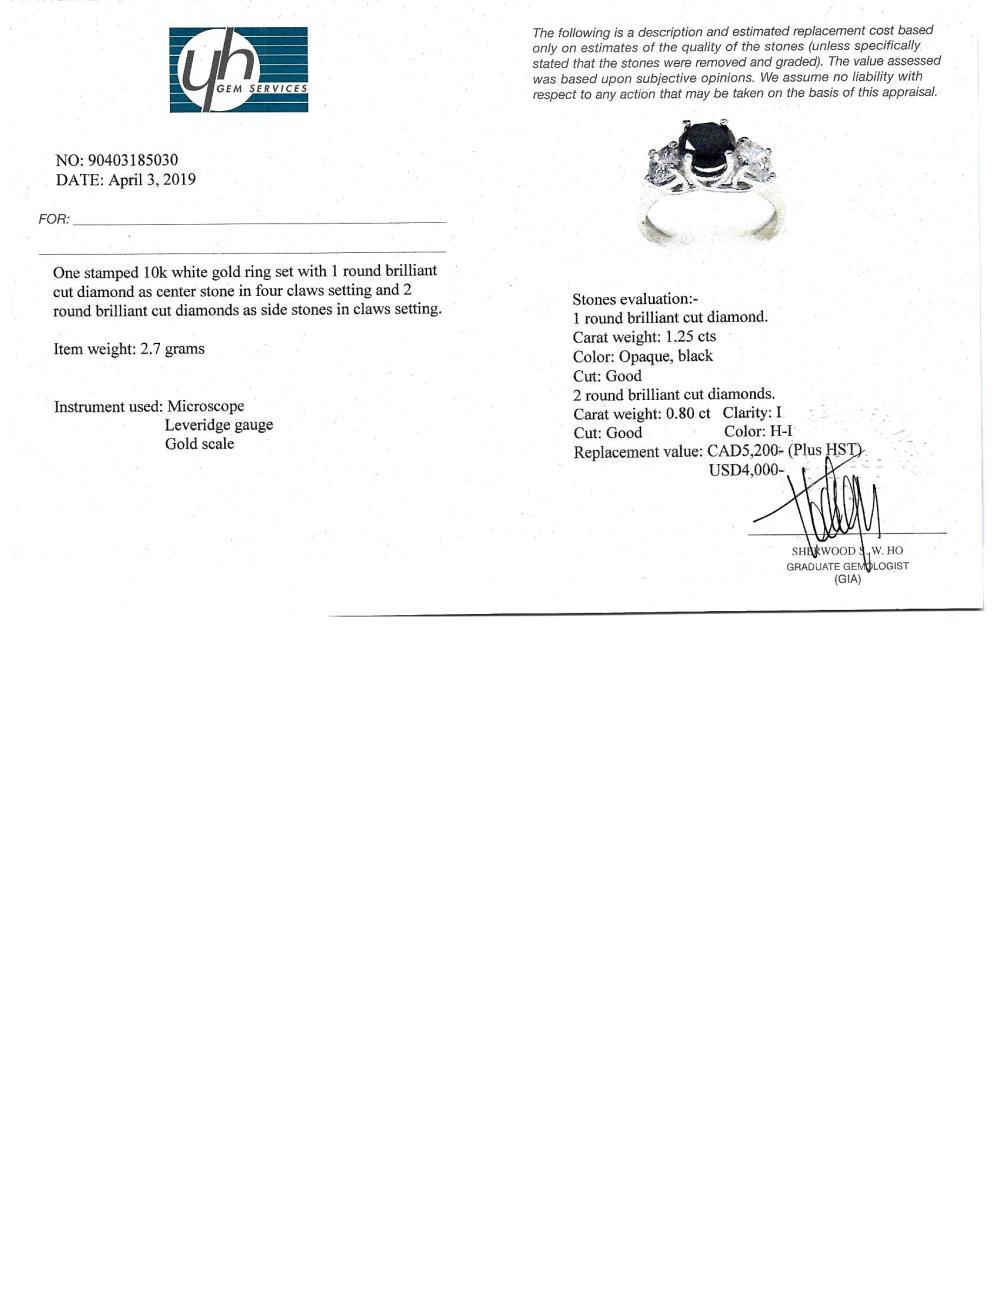 Certified 10K Black Diamond(1.25ct) Side Diamond(0.8ct) Ring